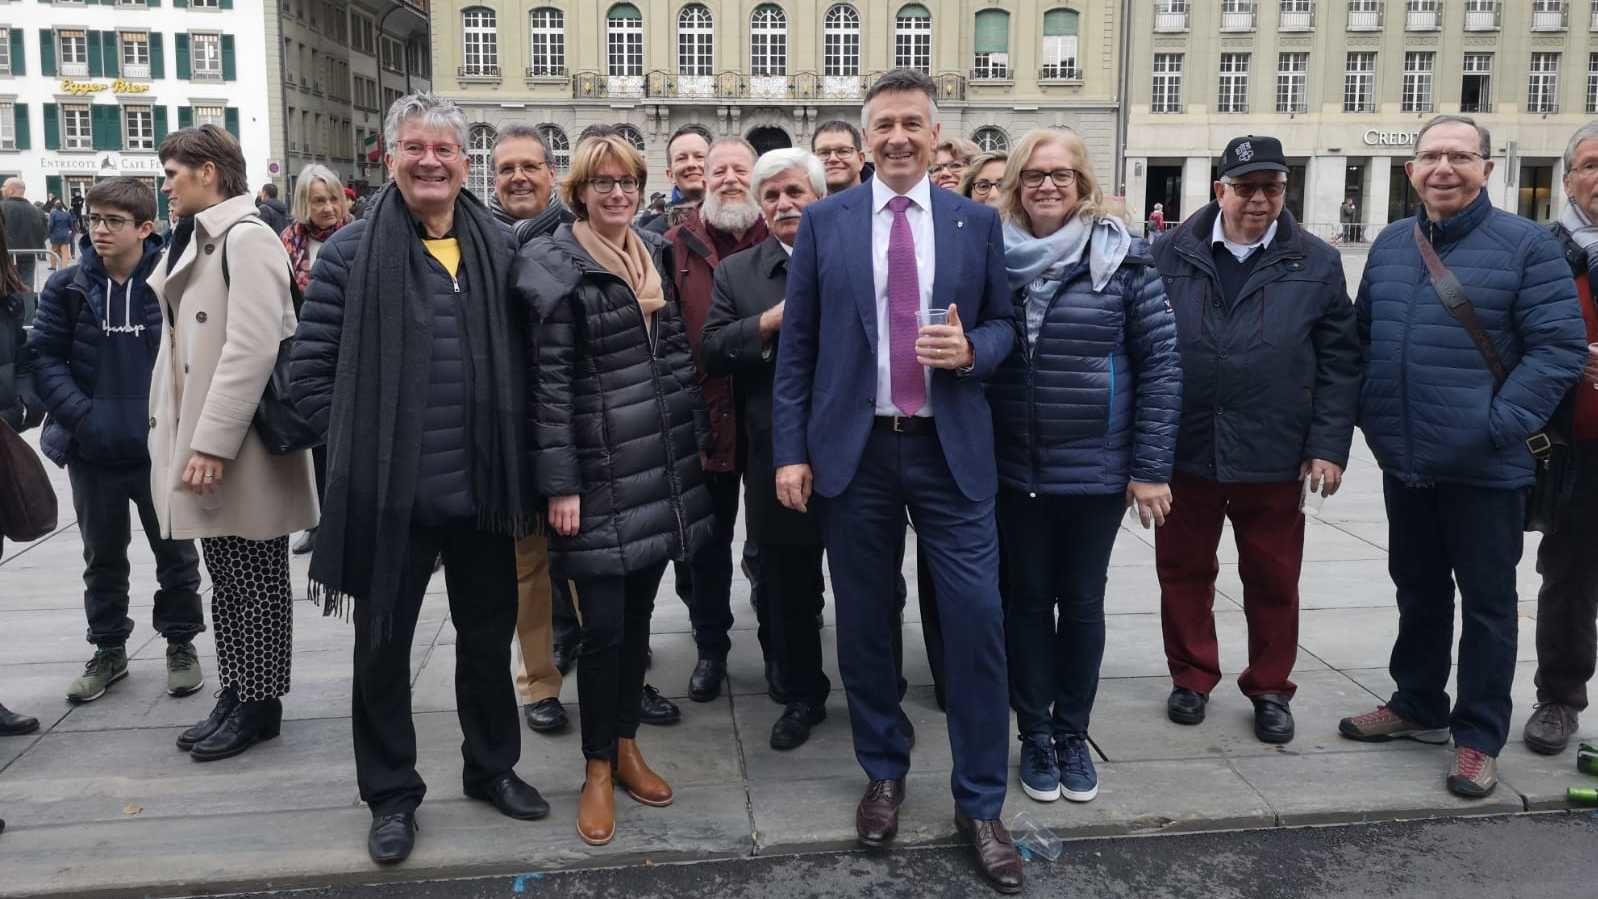 #BRW2018 Fandelegation - mit Hans Wicki auf dem Bundesplatz